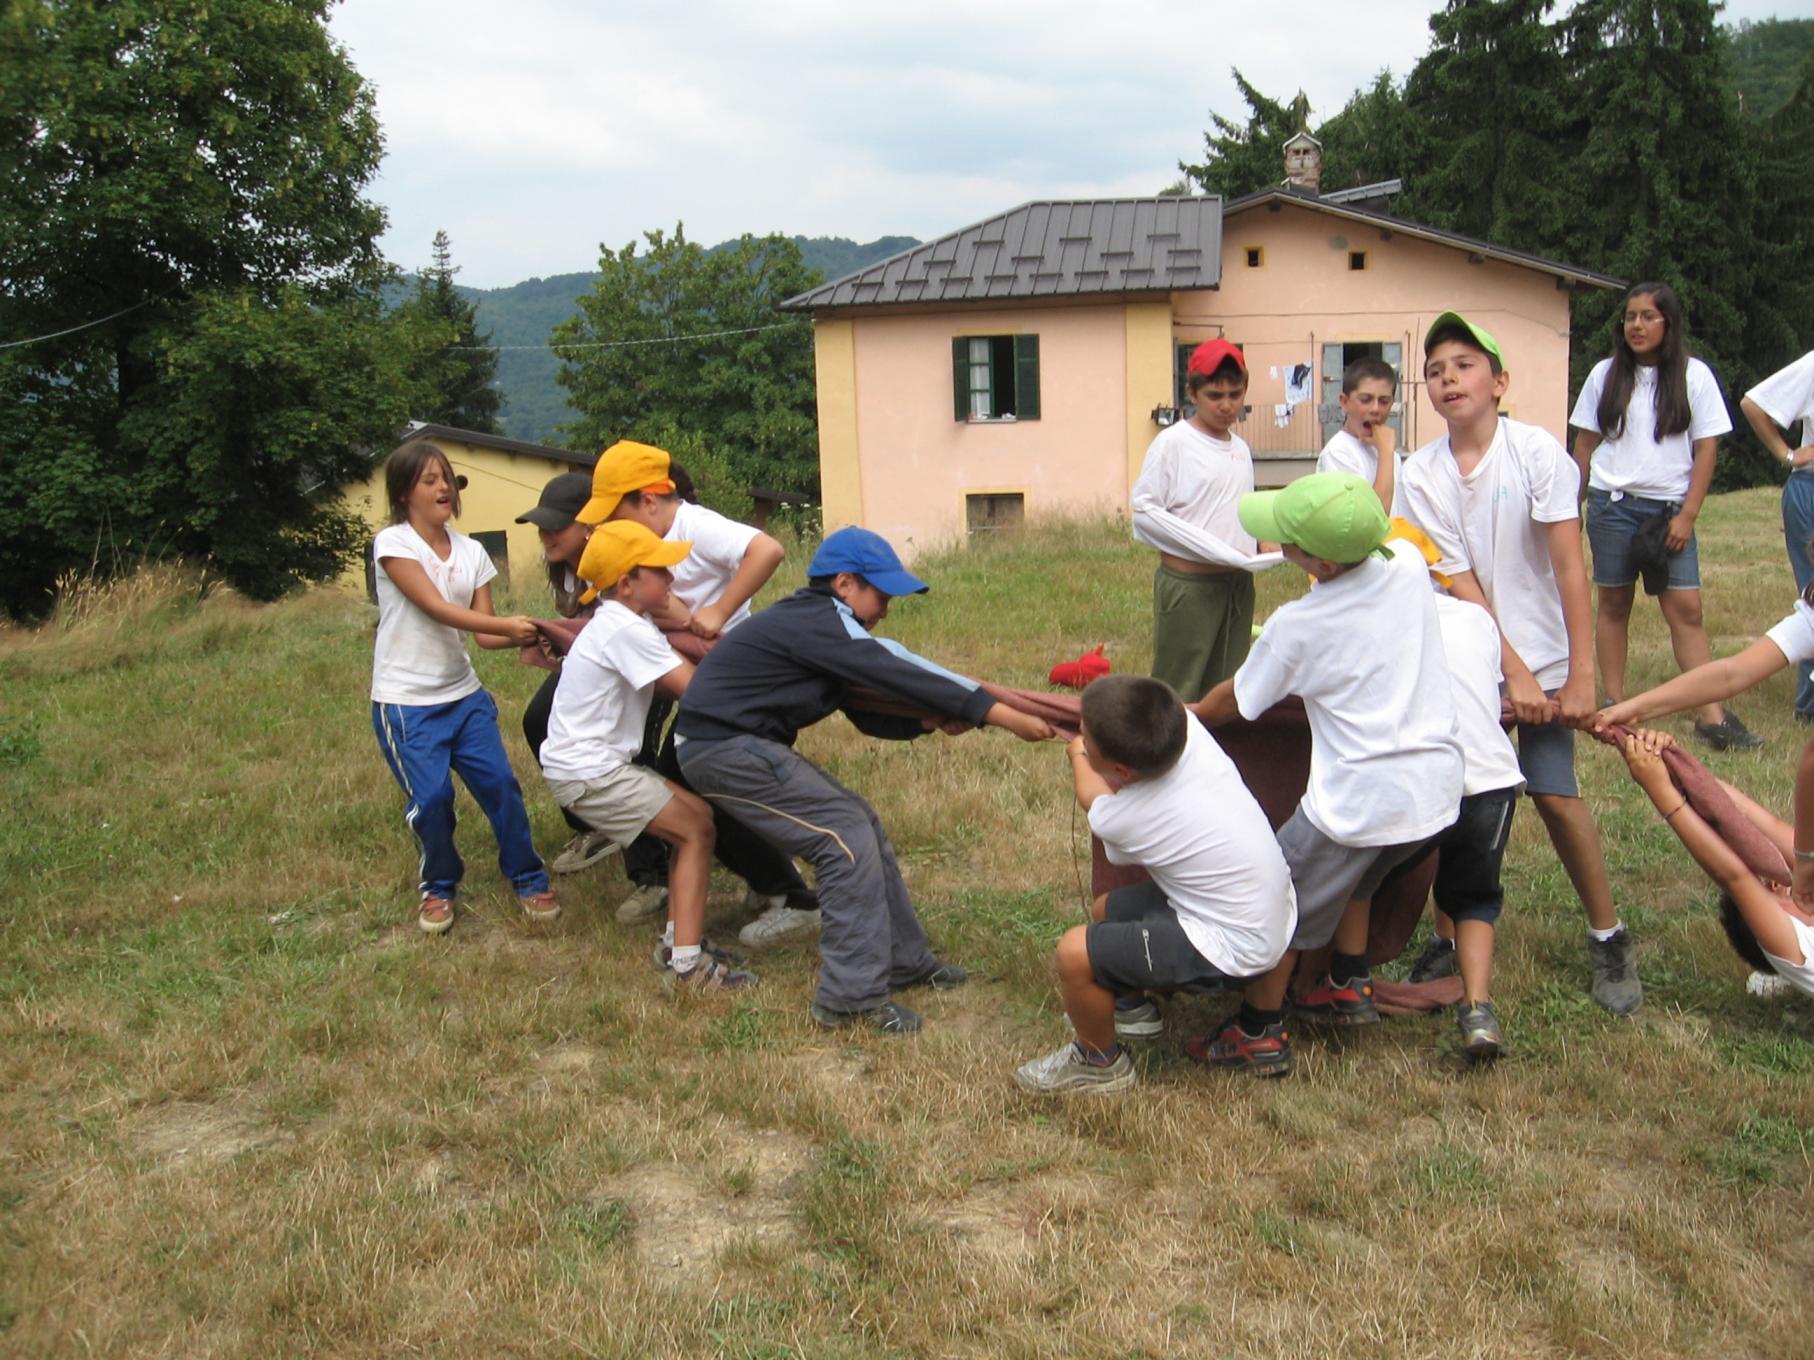 Campo_San_Giacomo_gare-2009-07-11--15.37.53